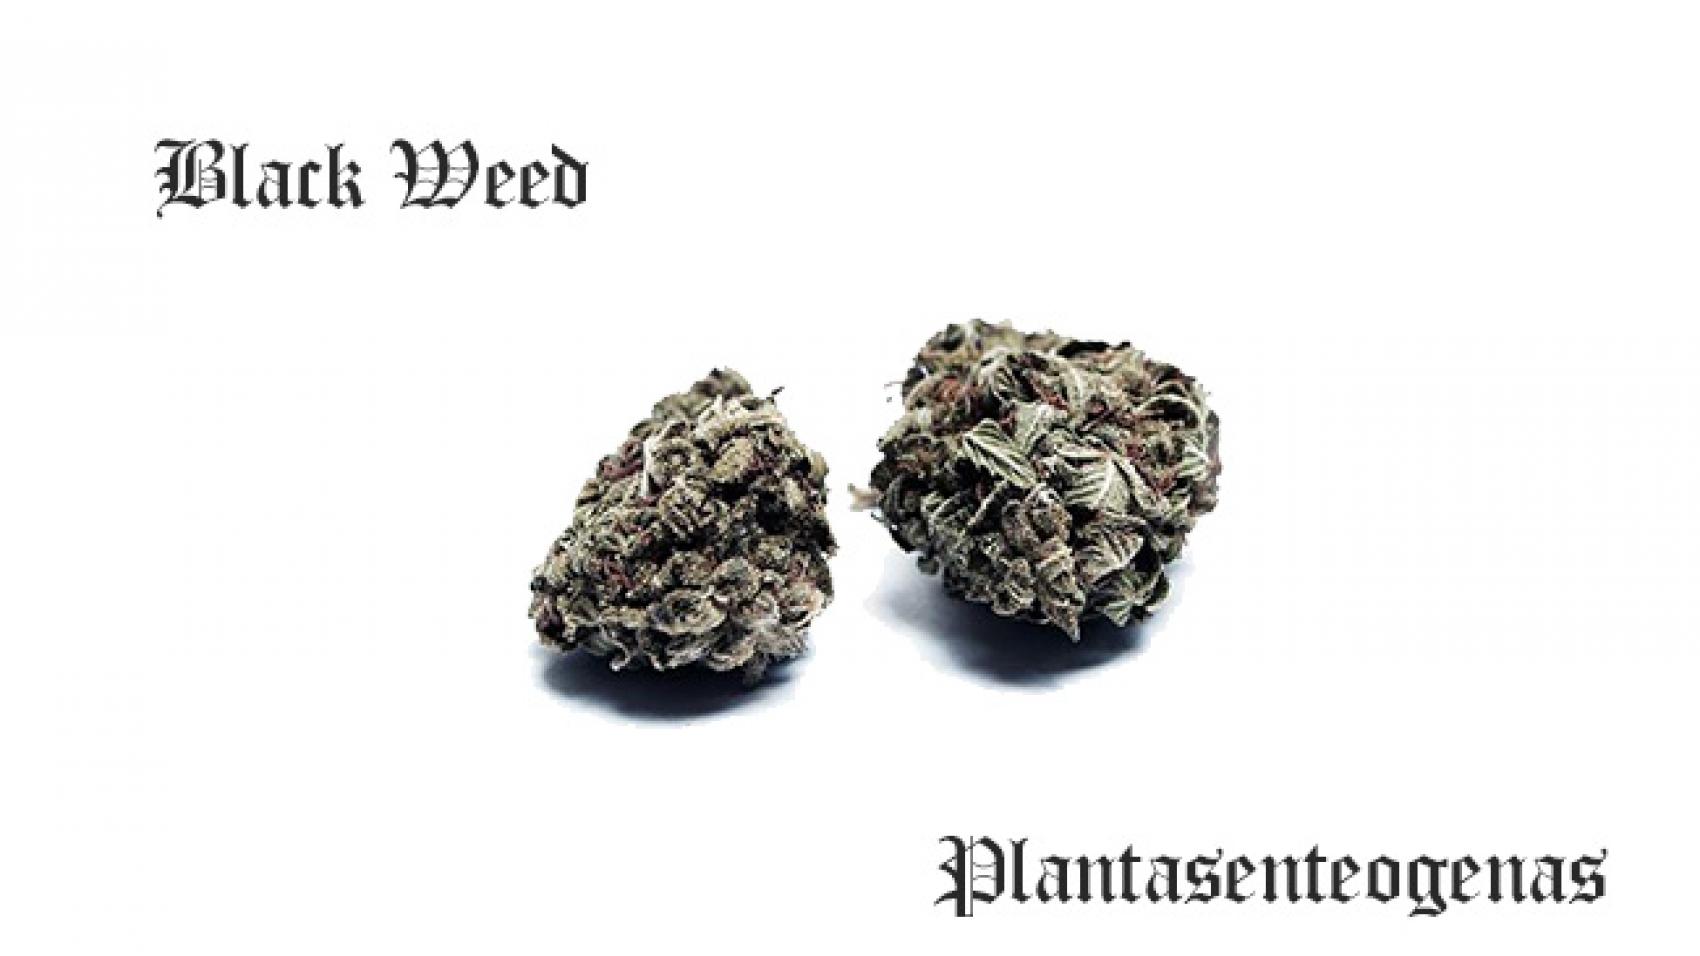 black weed